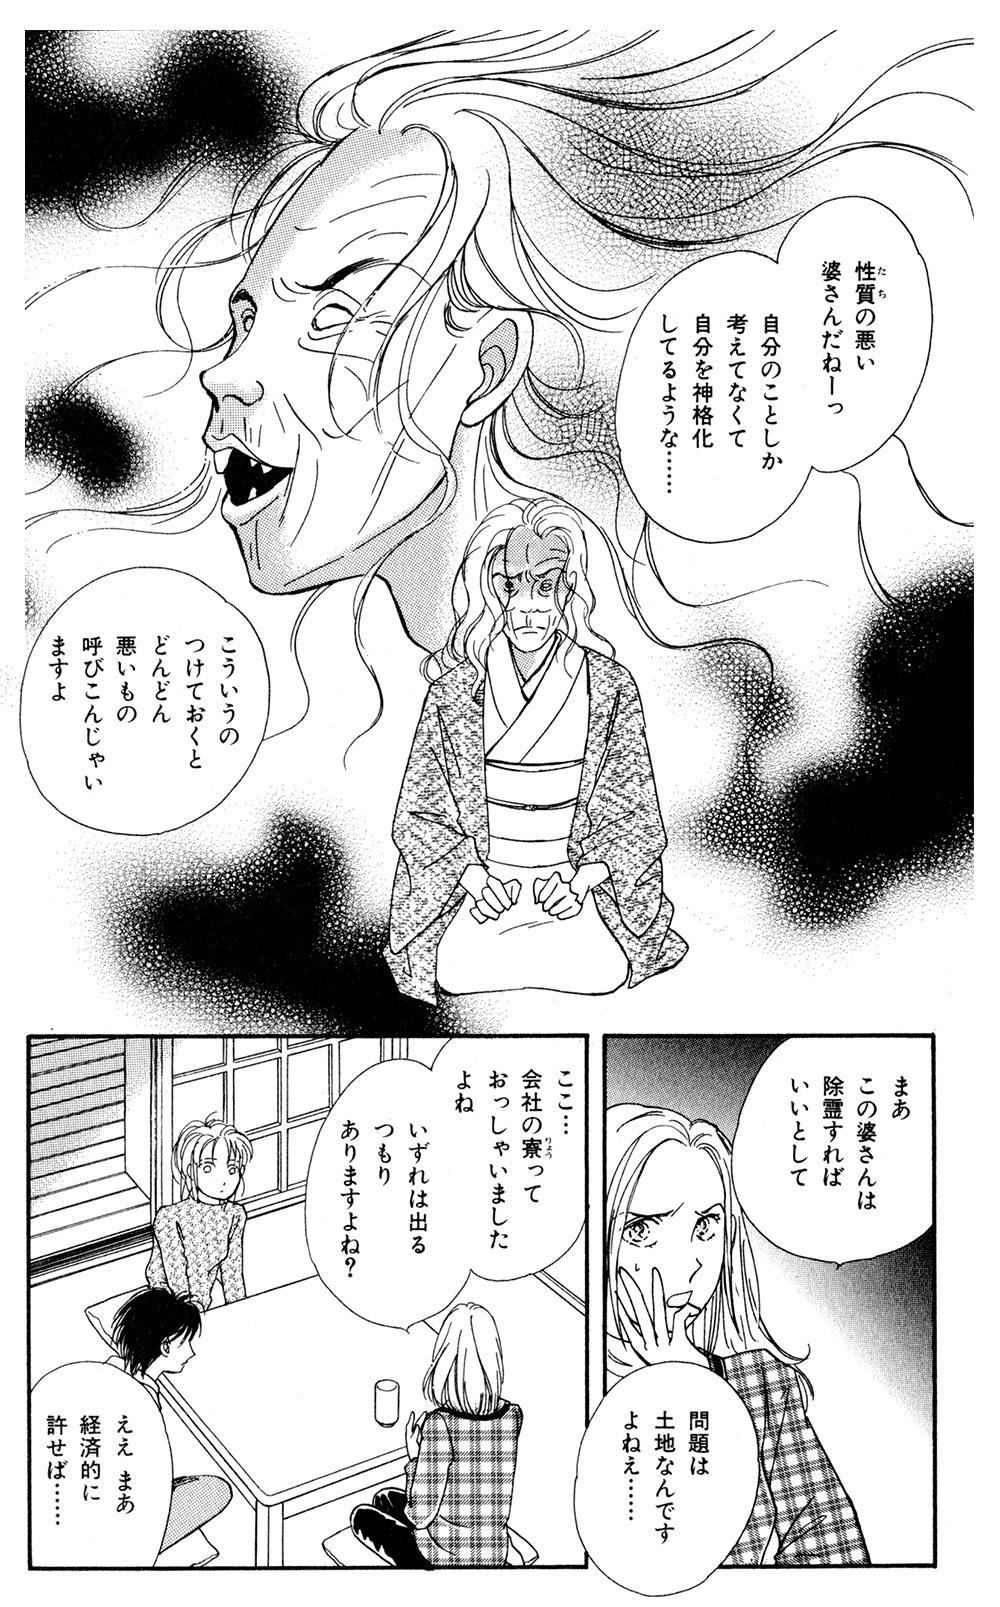 魔百合の恐怖報告 「災いを呼ぶ老婆」①rouba02-10.jpg